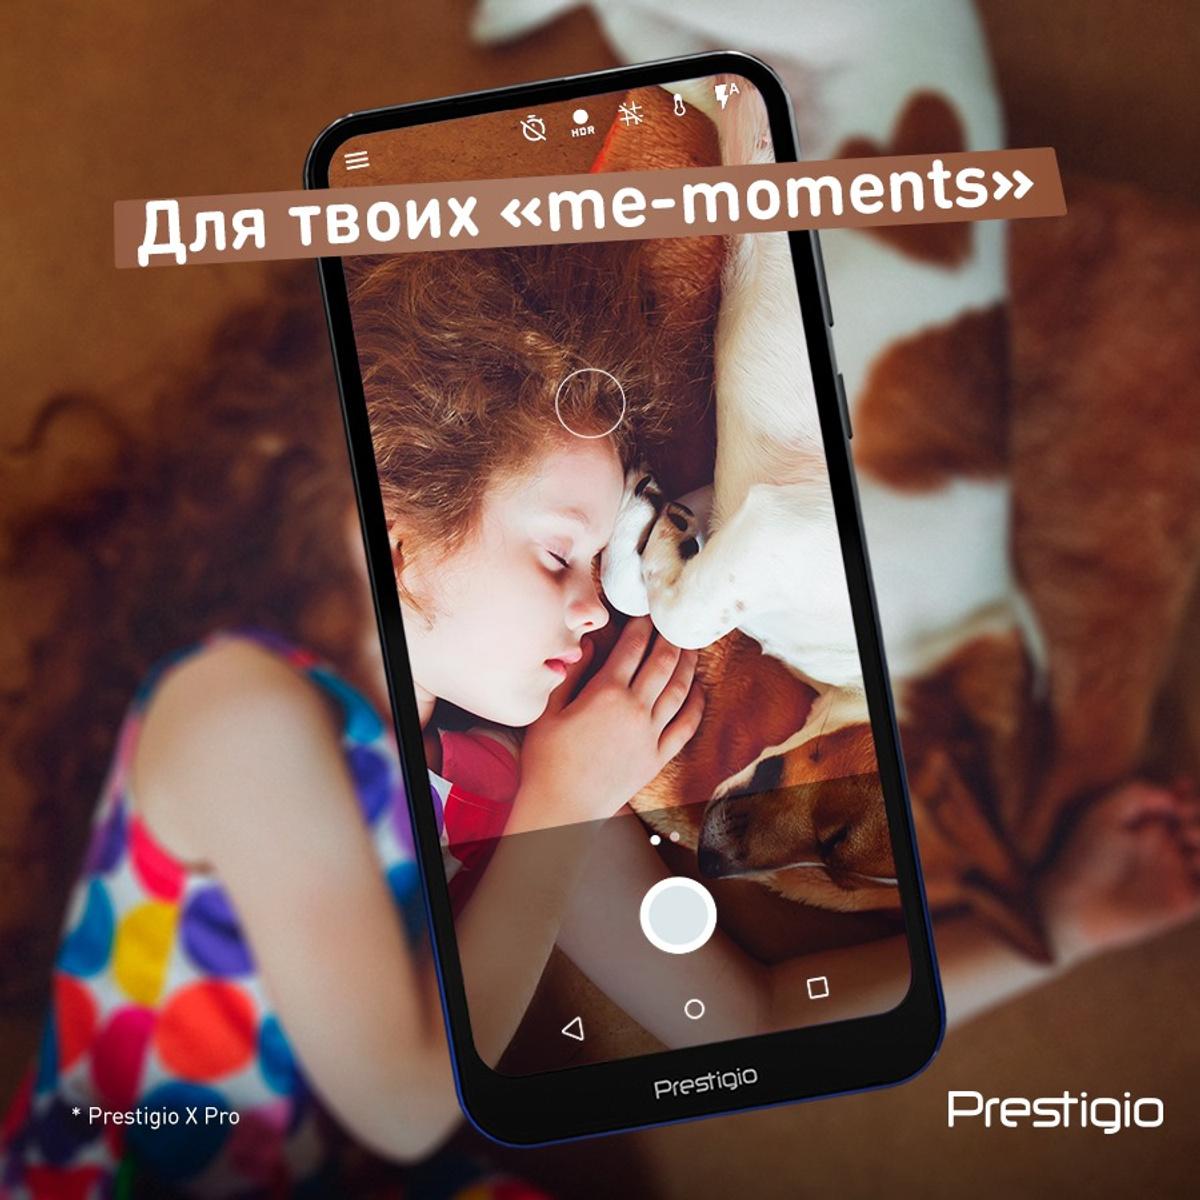 Фото © Facebook / Prestigio